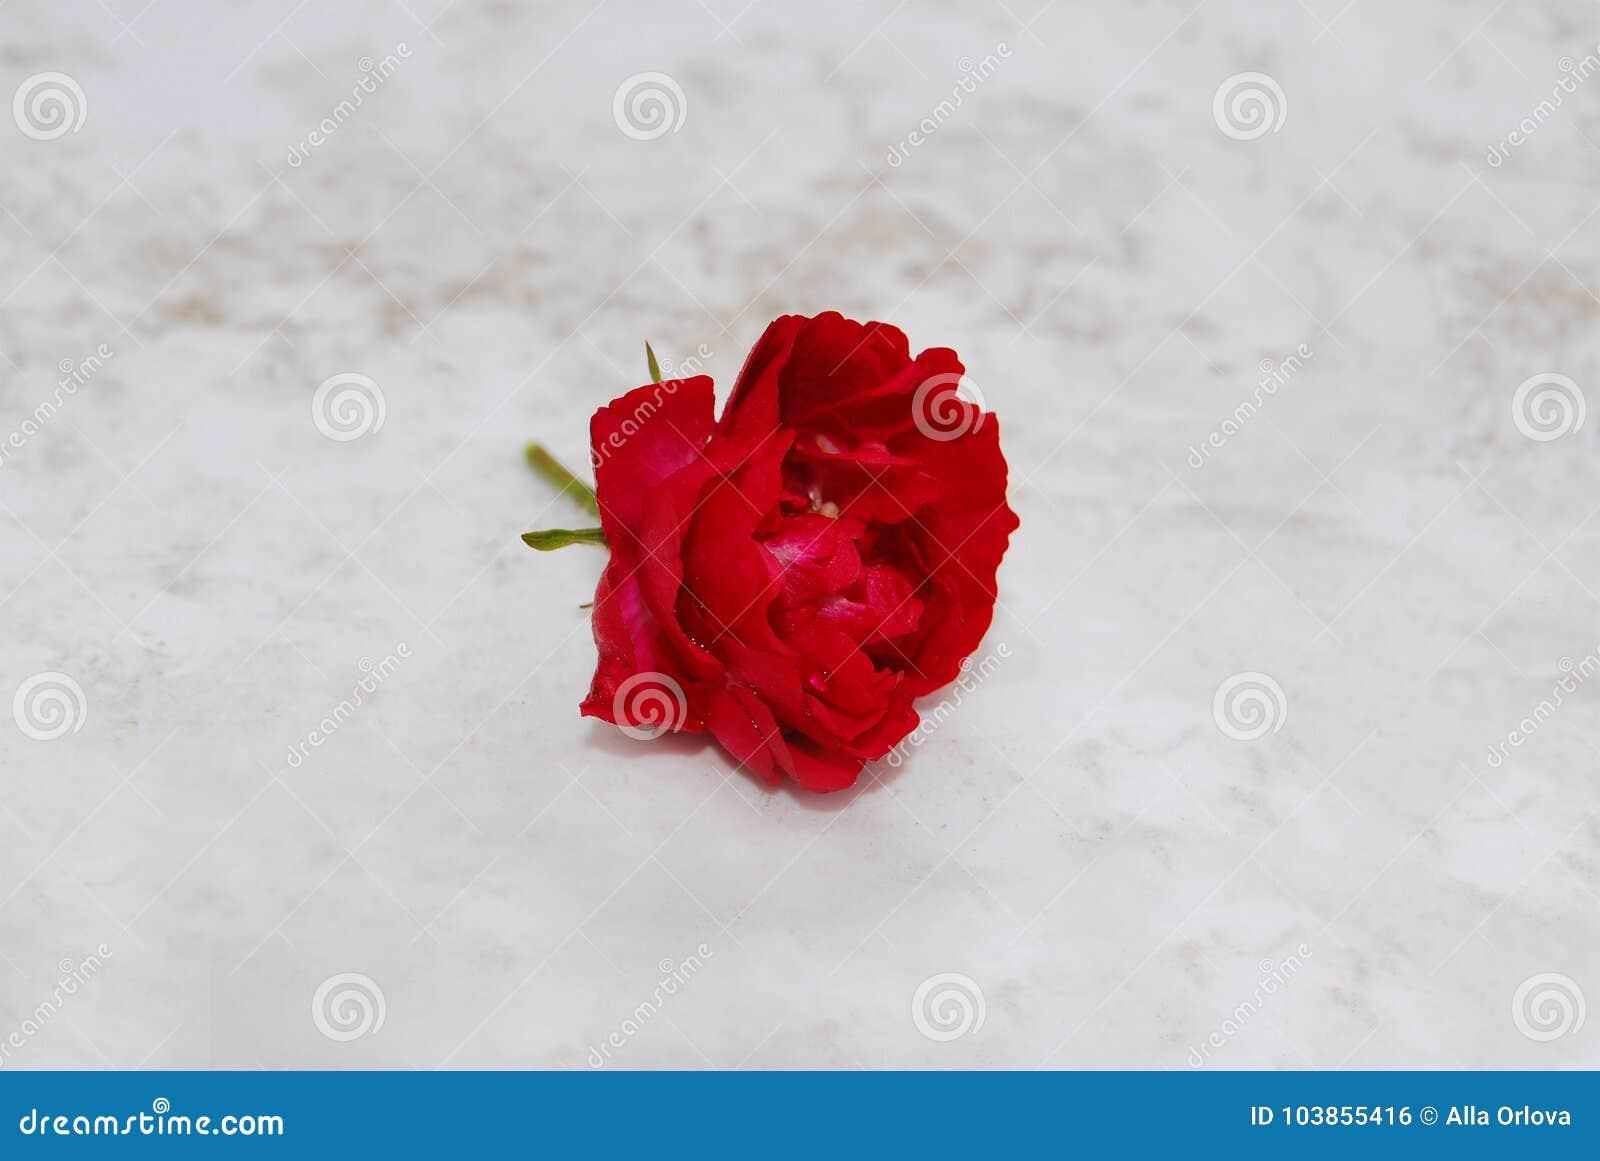 与雨珠的伯根地玫瑰色花在石头说谎